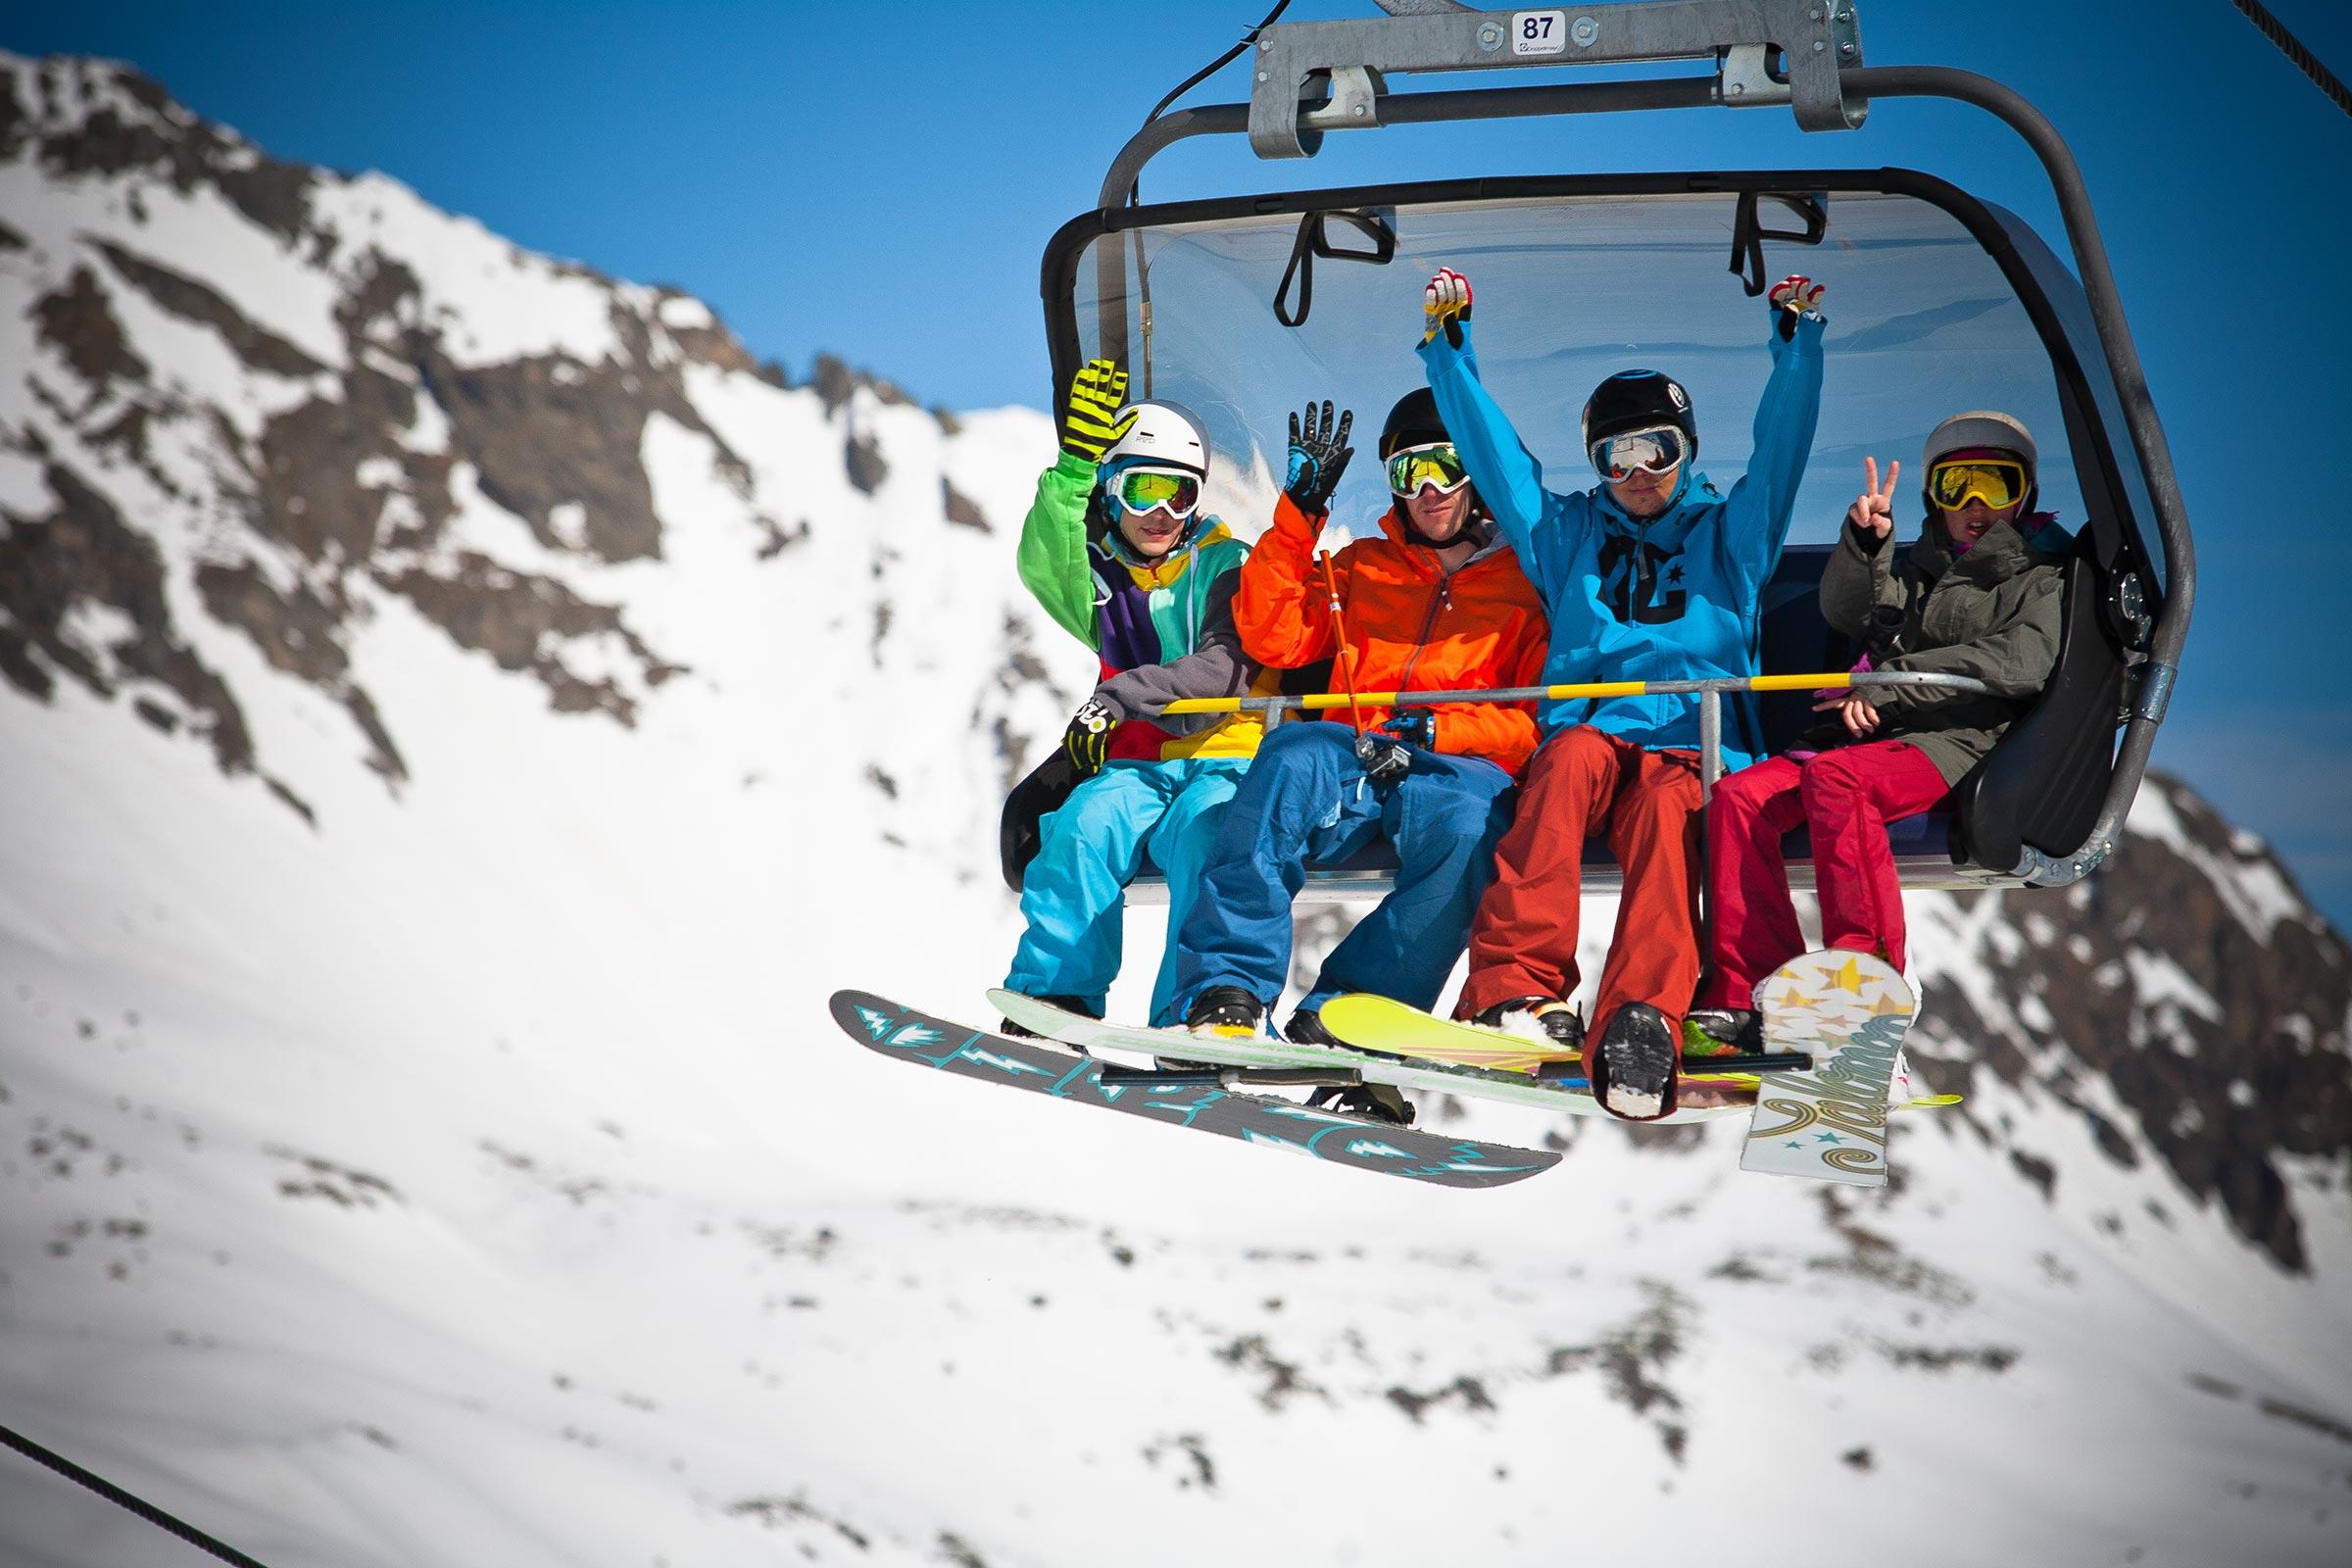 Snowboarder auf Sessellift - Skigebiet Sölden